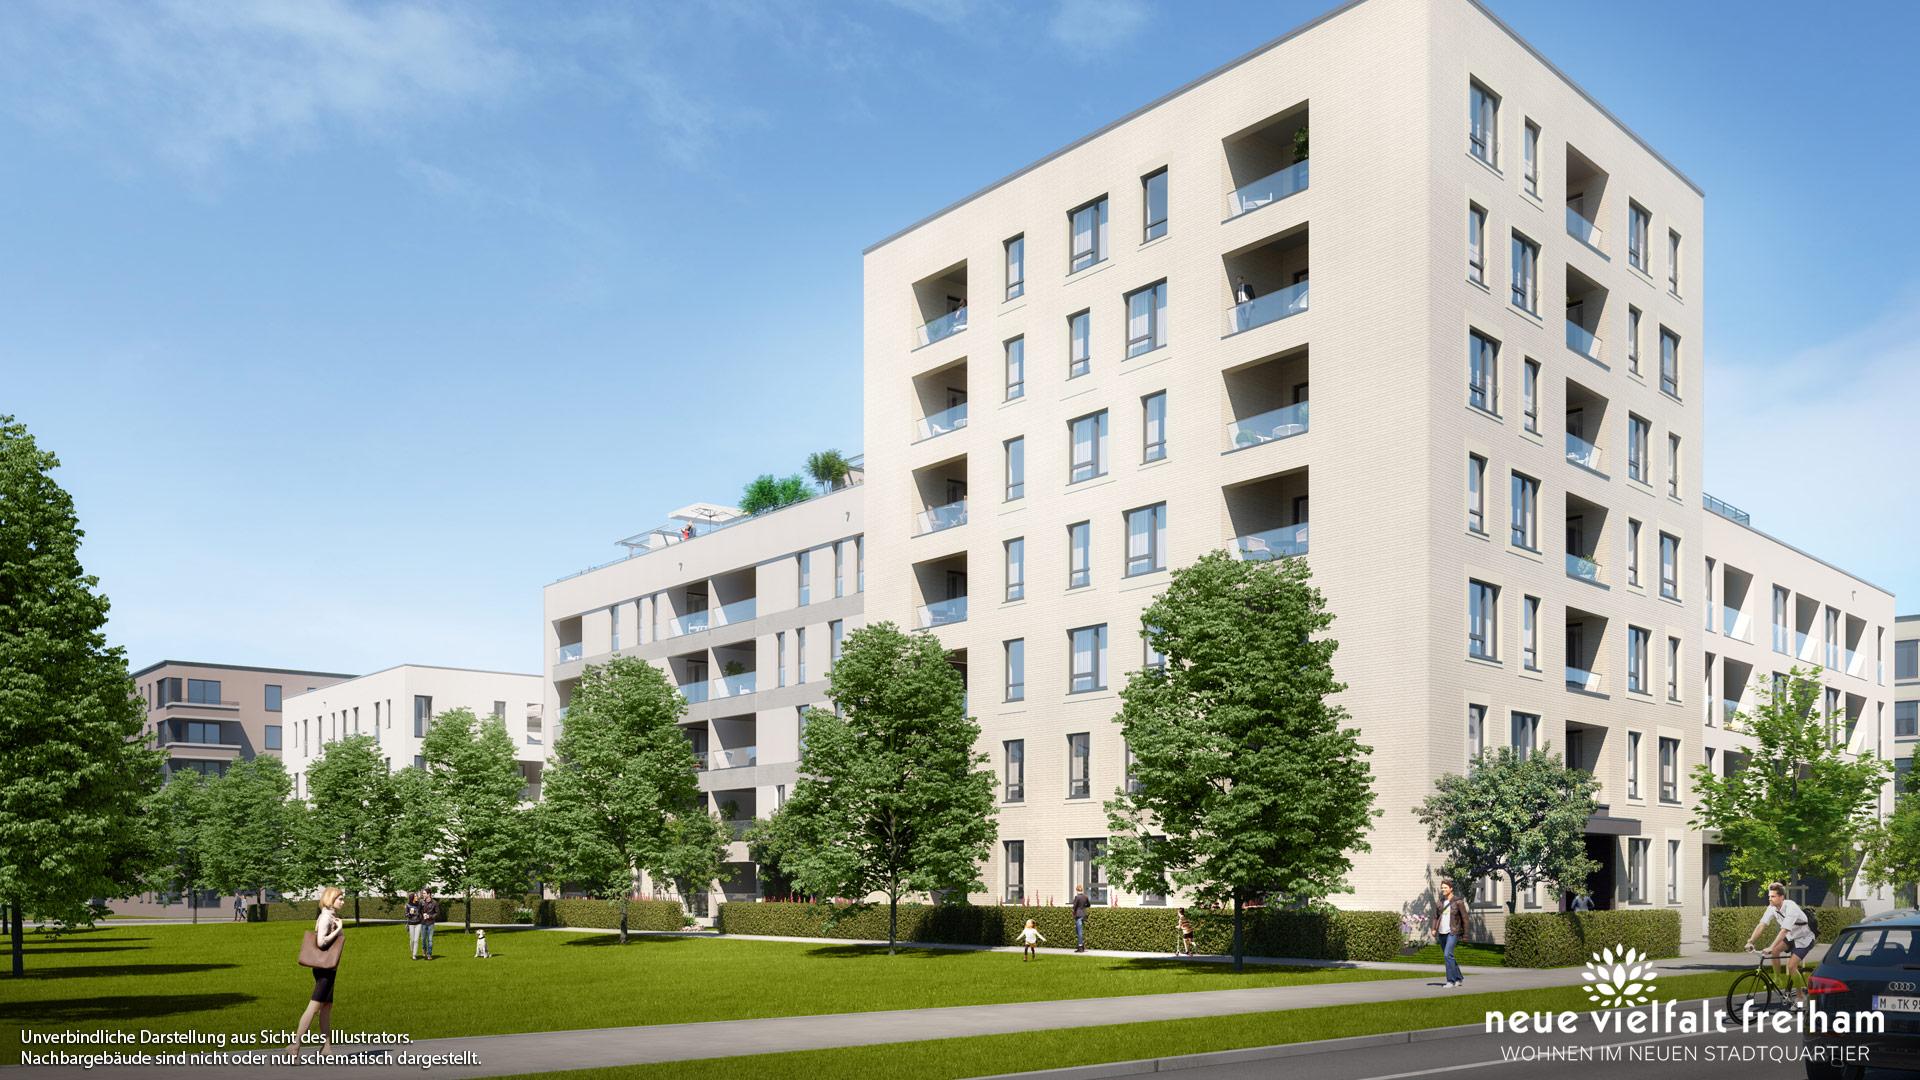 Immobilie Neue Vielfalt Freiham - Illustration 1